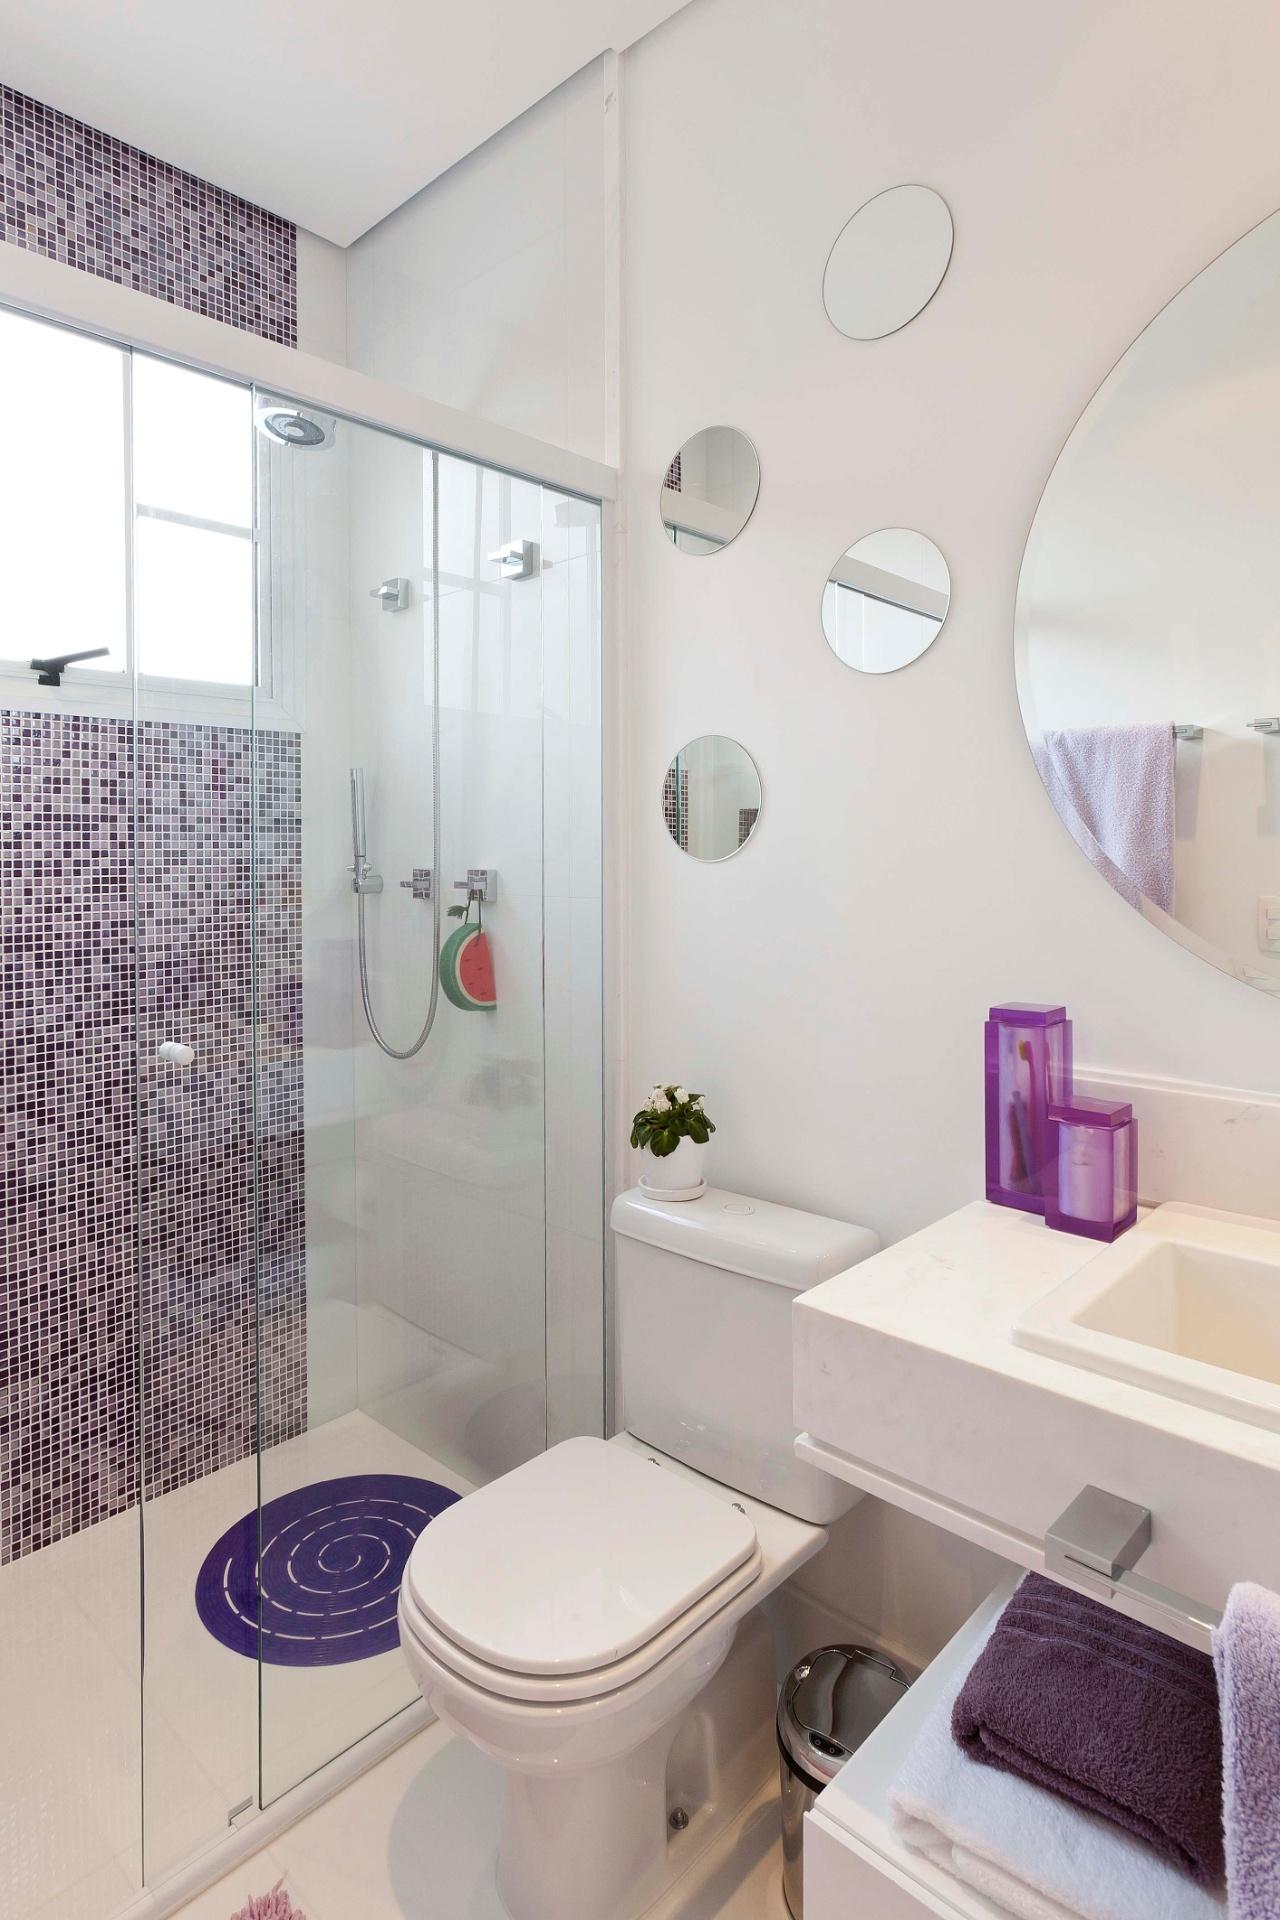 Tamanho Minimo Banheiro Com Banheira  cgafghanscom banheiros pequenos e mod -> Tamanho Minimo Para Banheiro Com Banheira